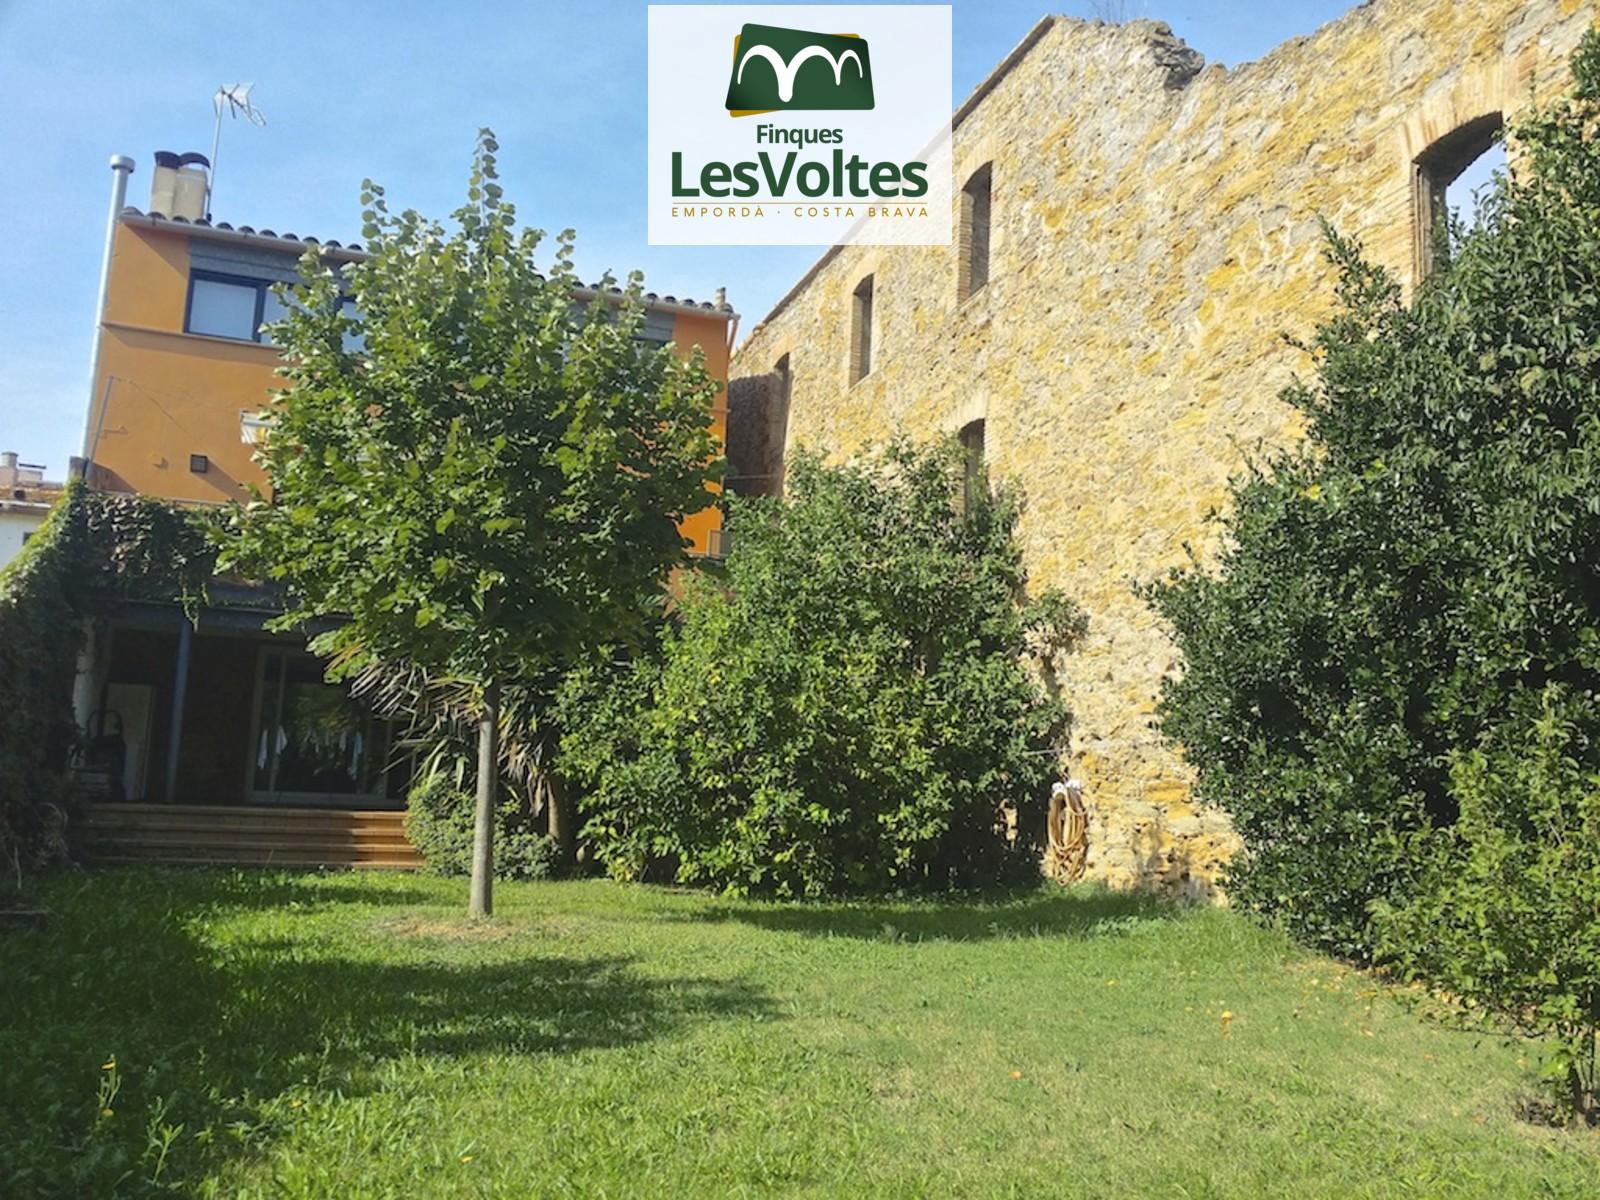 Gran casa amb jardí totalment restaurada en venda a la Bisbal. A punt per entrar-hi a viure.